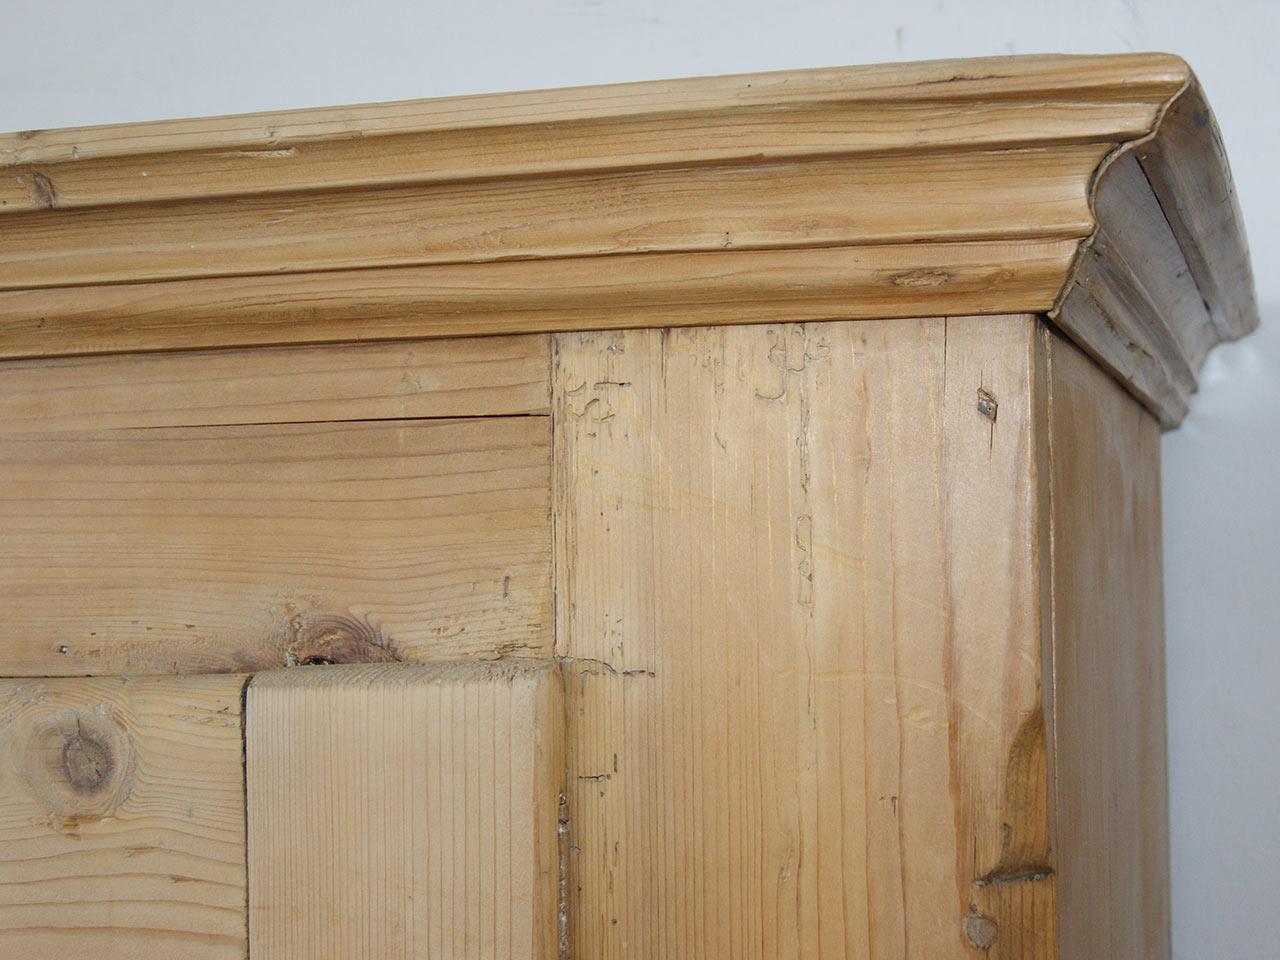 Erfreut Alter Bauernschrank Galerie - Das Beste Architekturbild ...